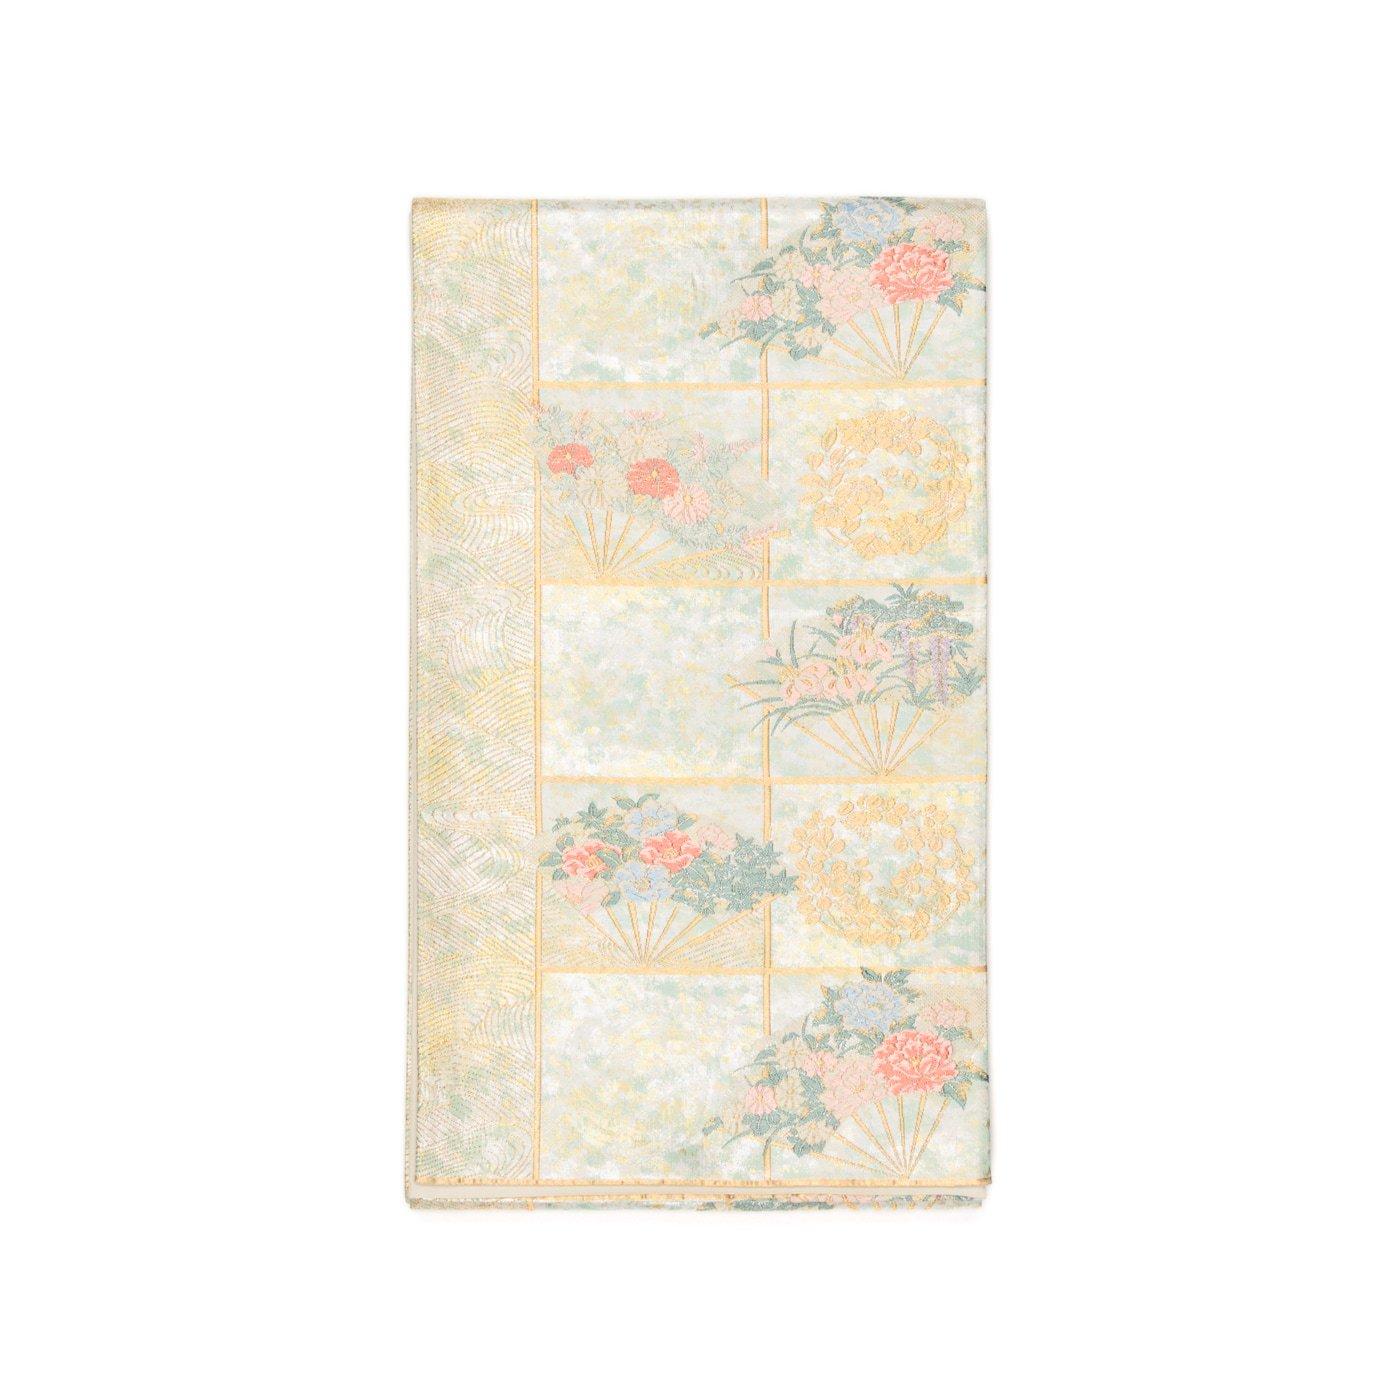 「袋帯●華丸 花扇」の商品画像